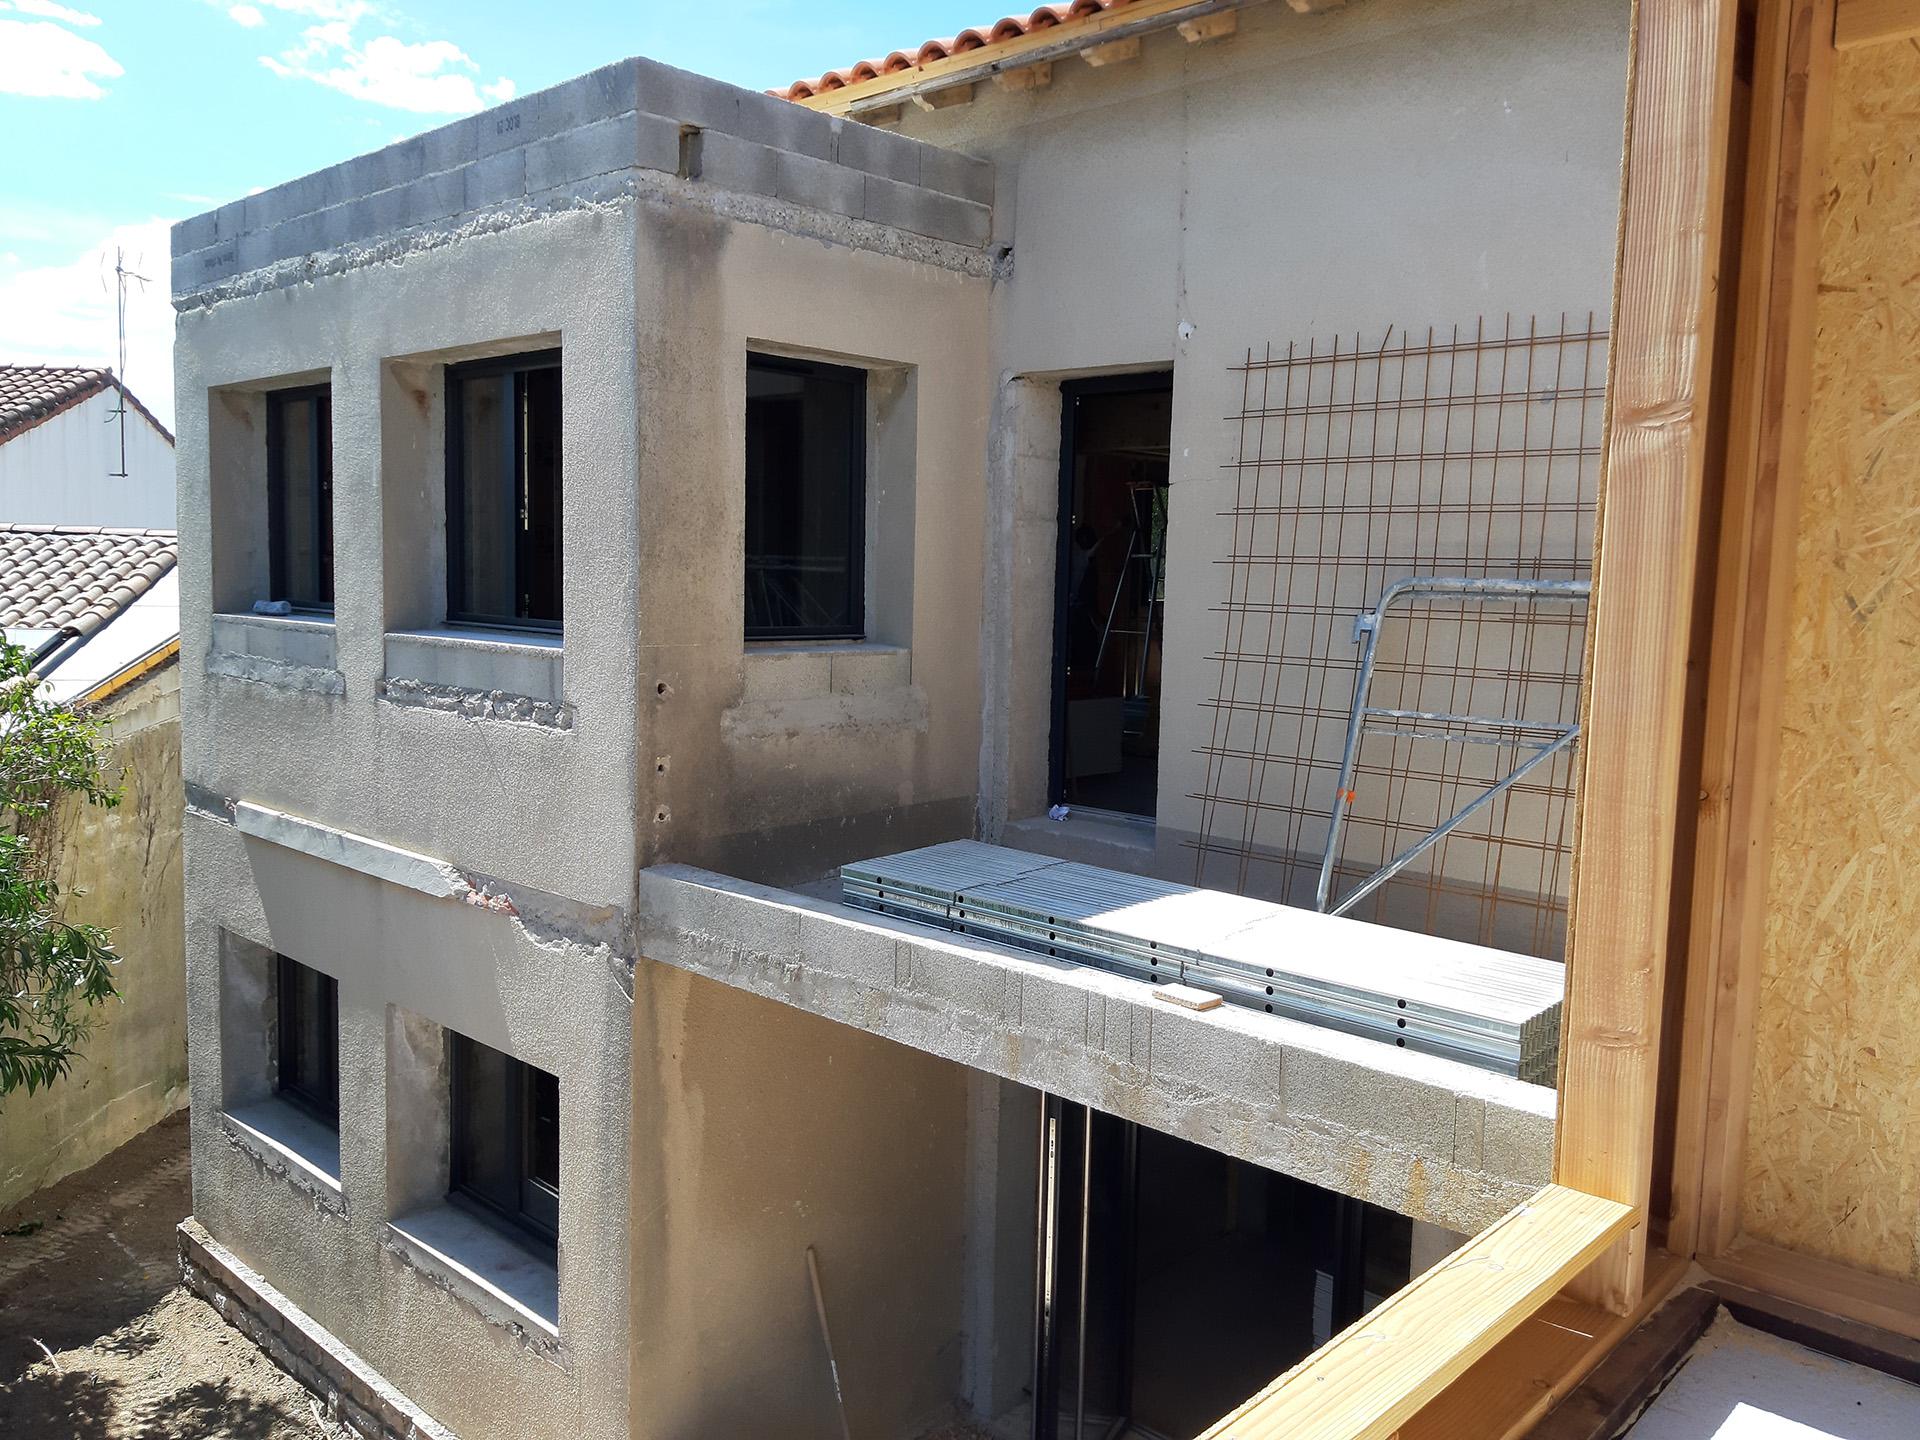 lhenry-cote-deco-lhenry-architecture -travaux-10